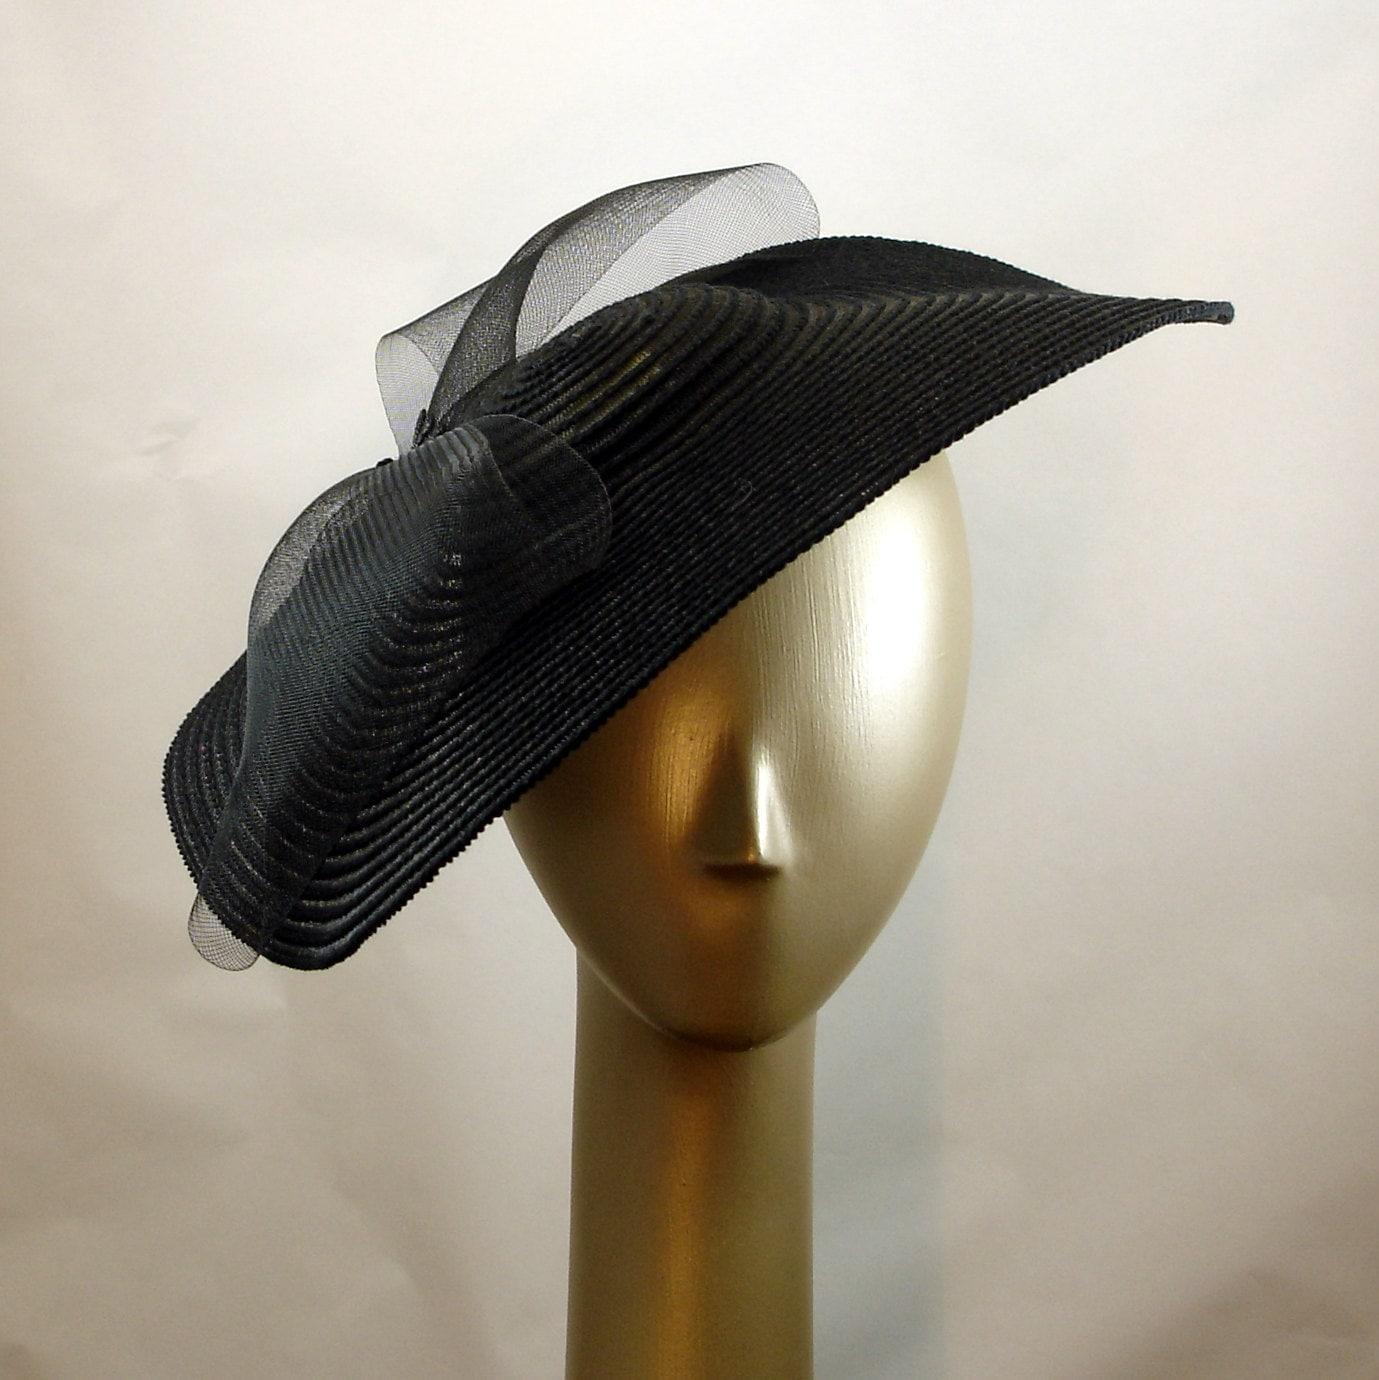 saucer hat for 1940s fashion black hat tilt hat straw